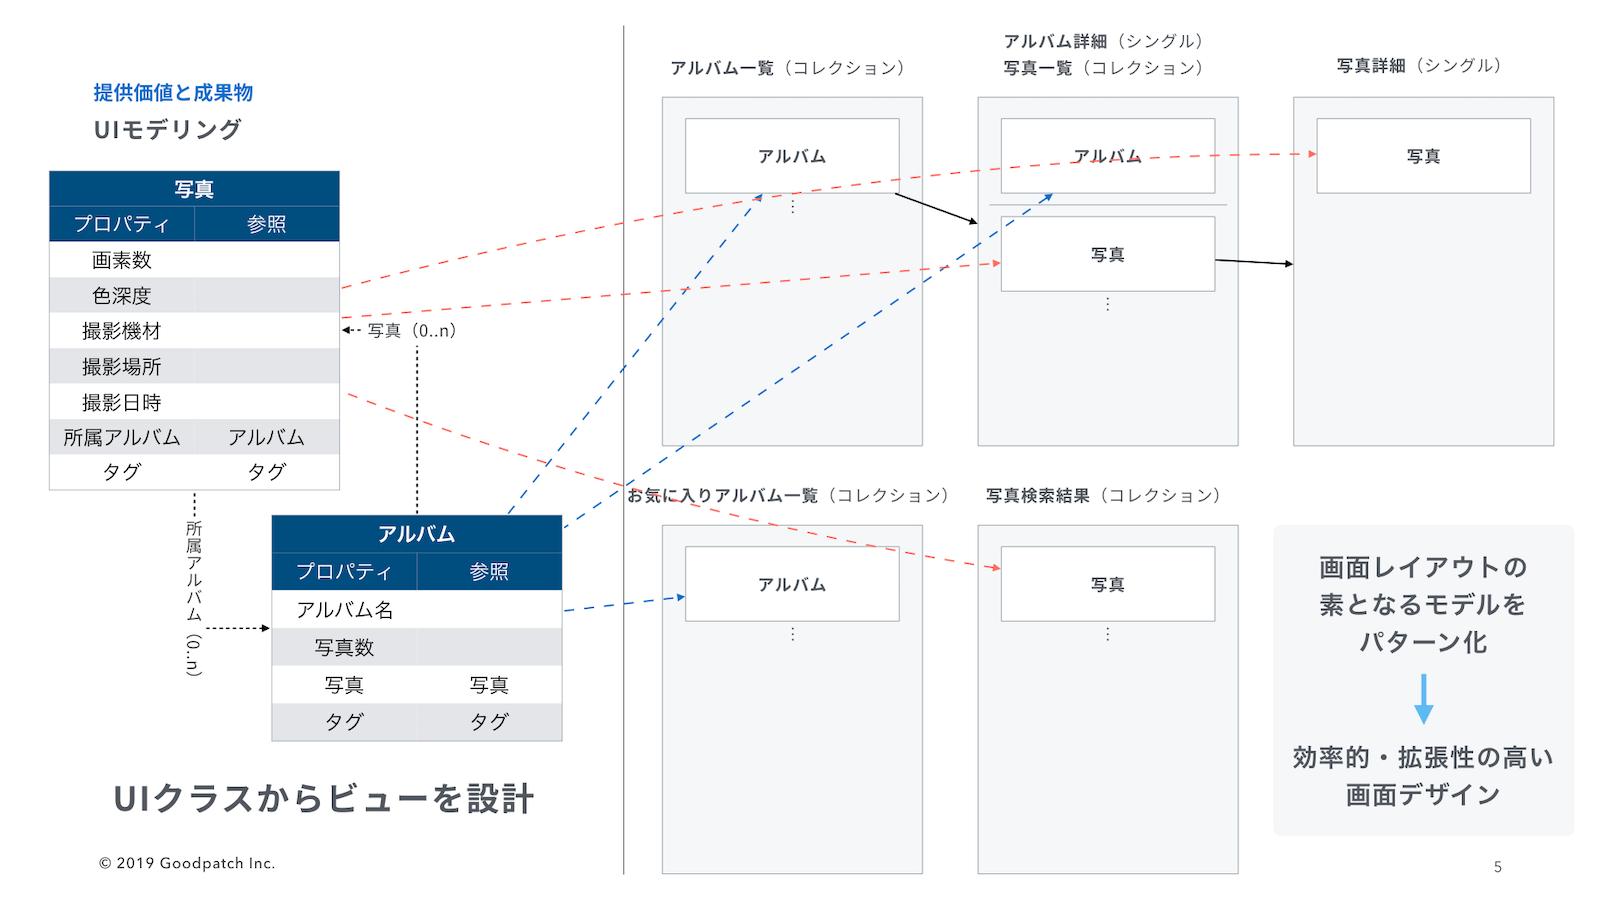 UIモデリング